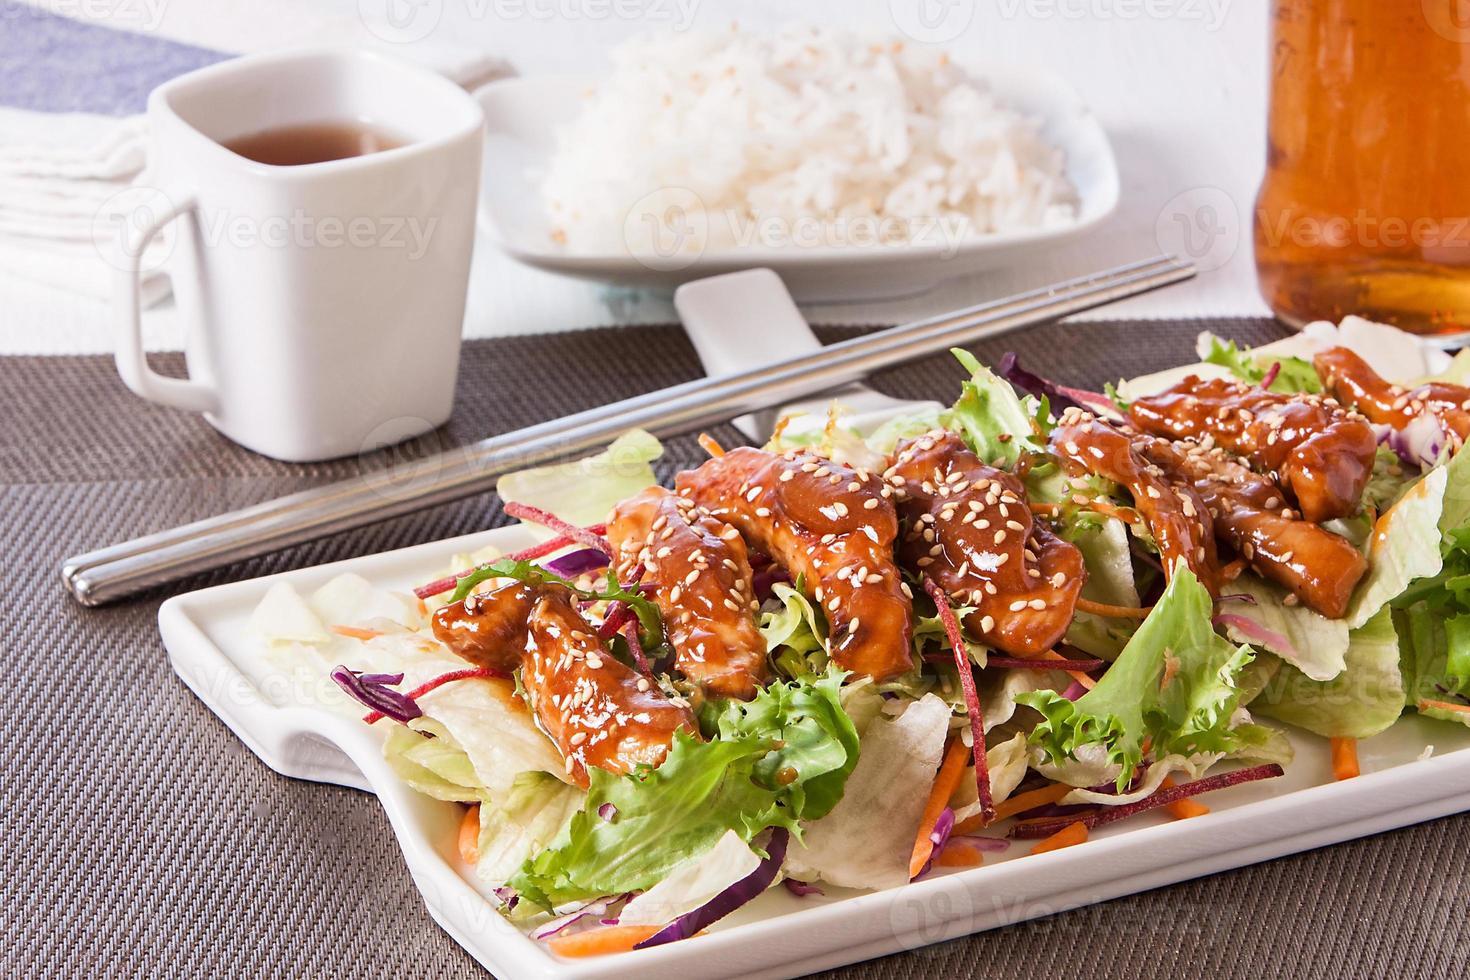 Japanesse food photo